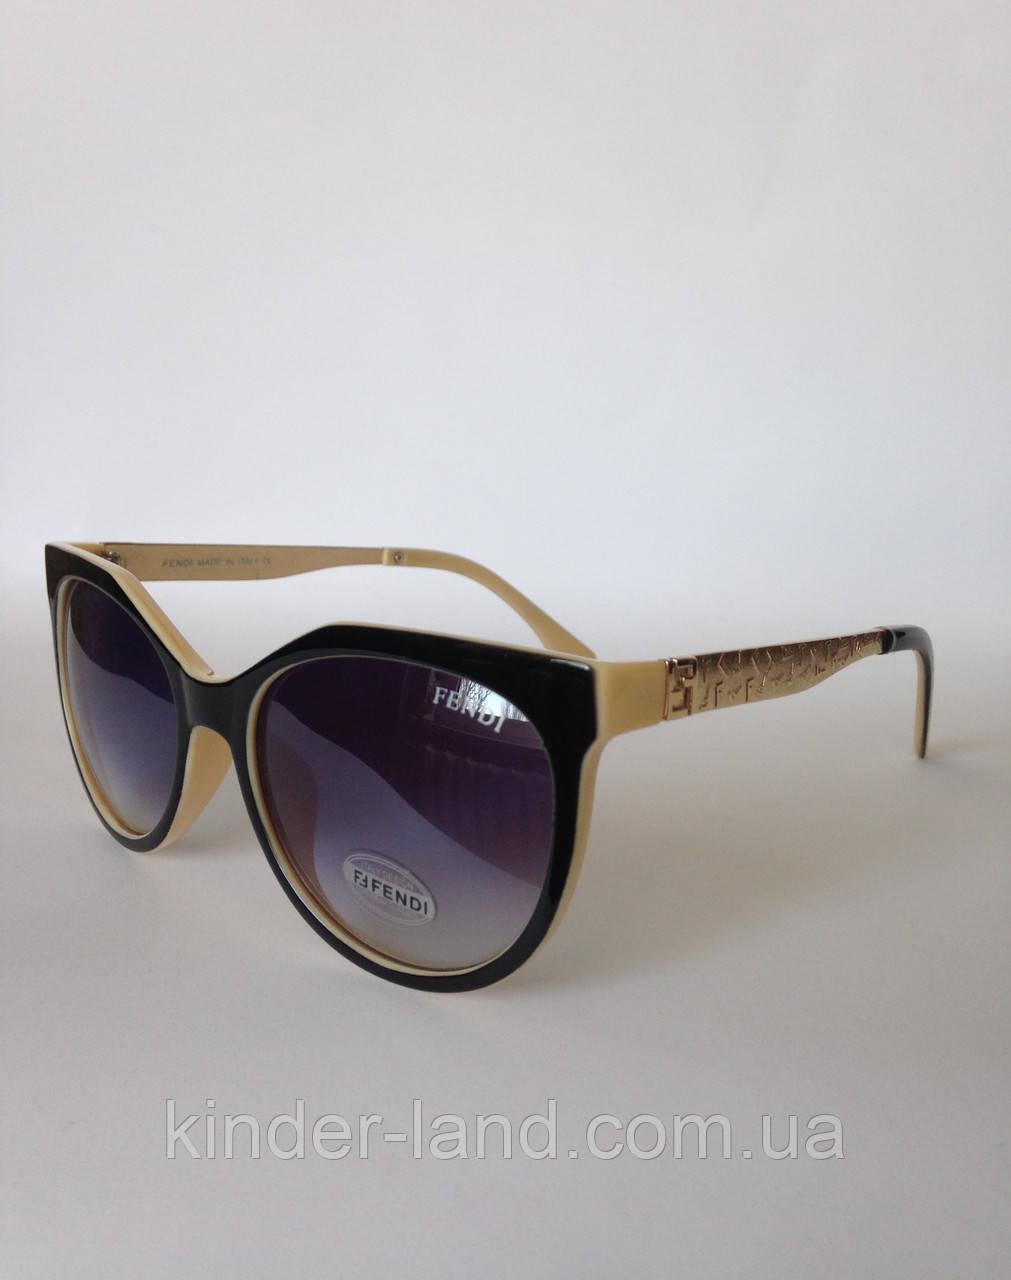 ec500c31da8e Женские солнцезащитные очки Fendi 324 черно - бежевые - Интернет-магазин